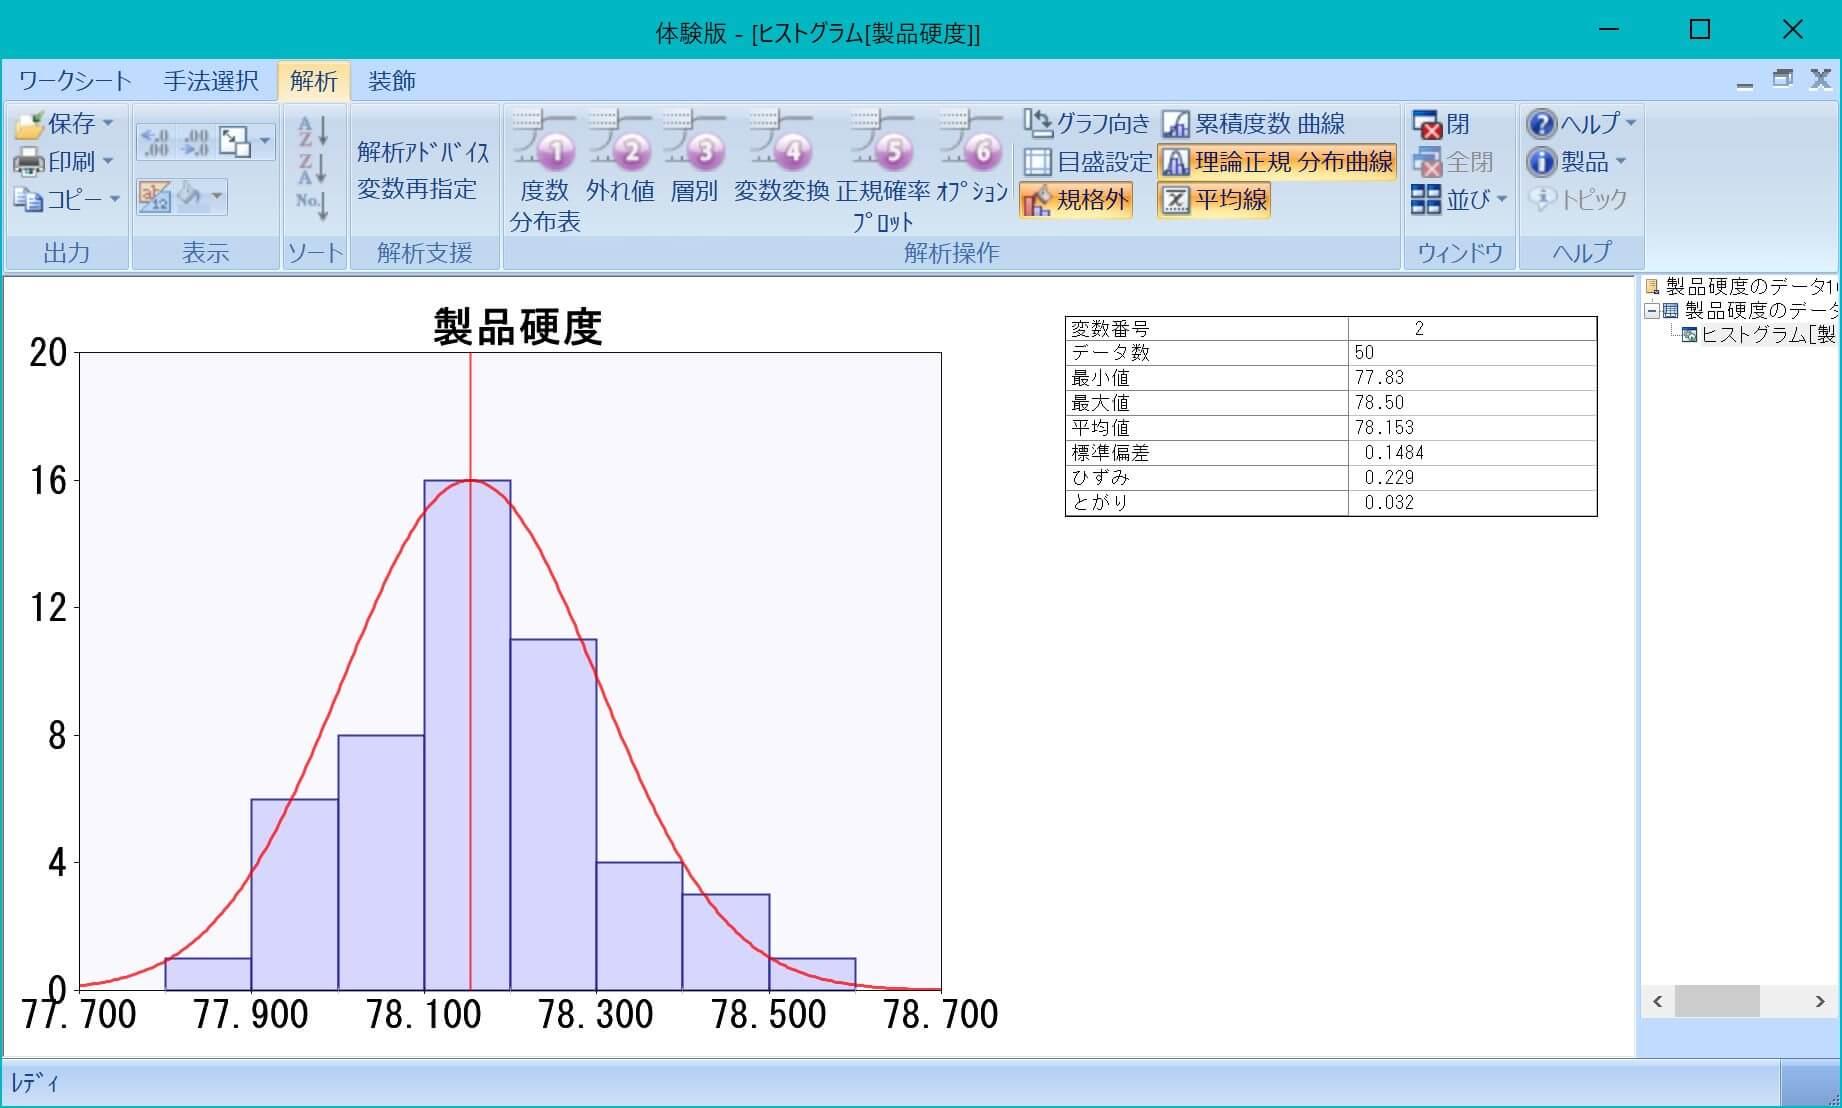 ヒストグラムデータ